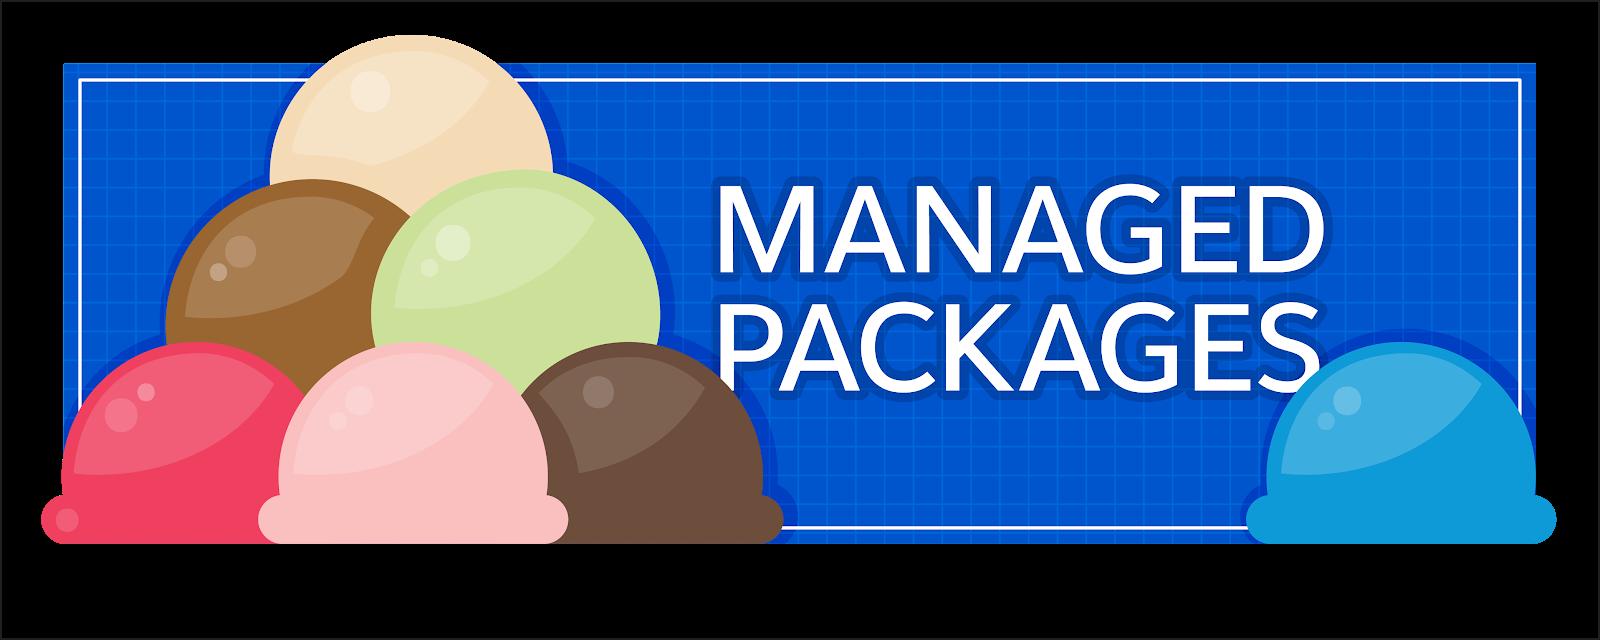 サンデーに入っているアイスクリームは、業種のニーズを満たすために Salesforce をカスタマイズする管理パッケージを表します。